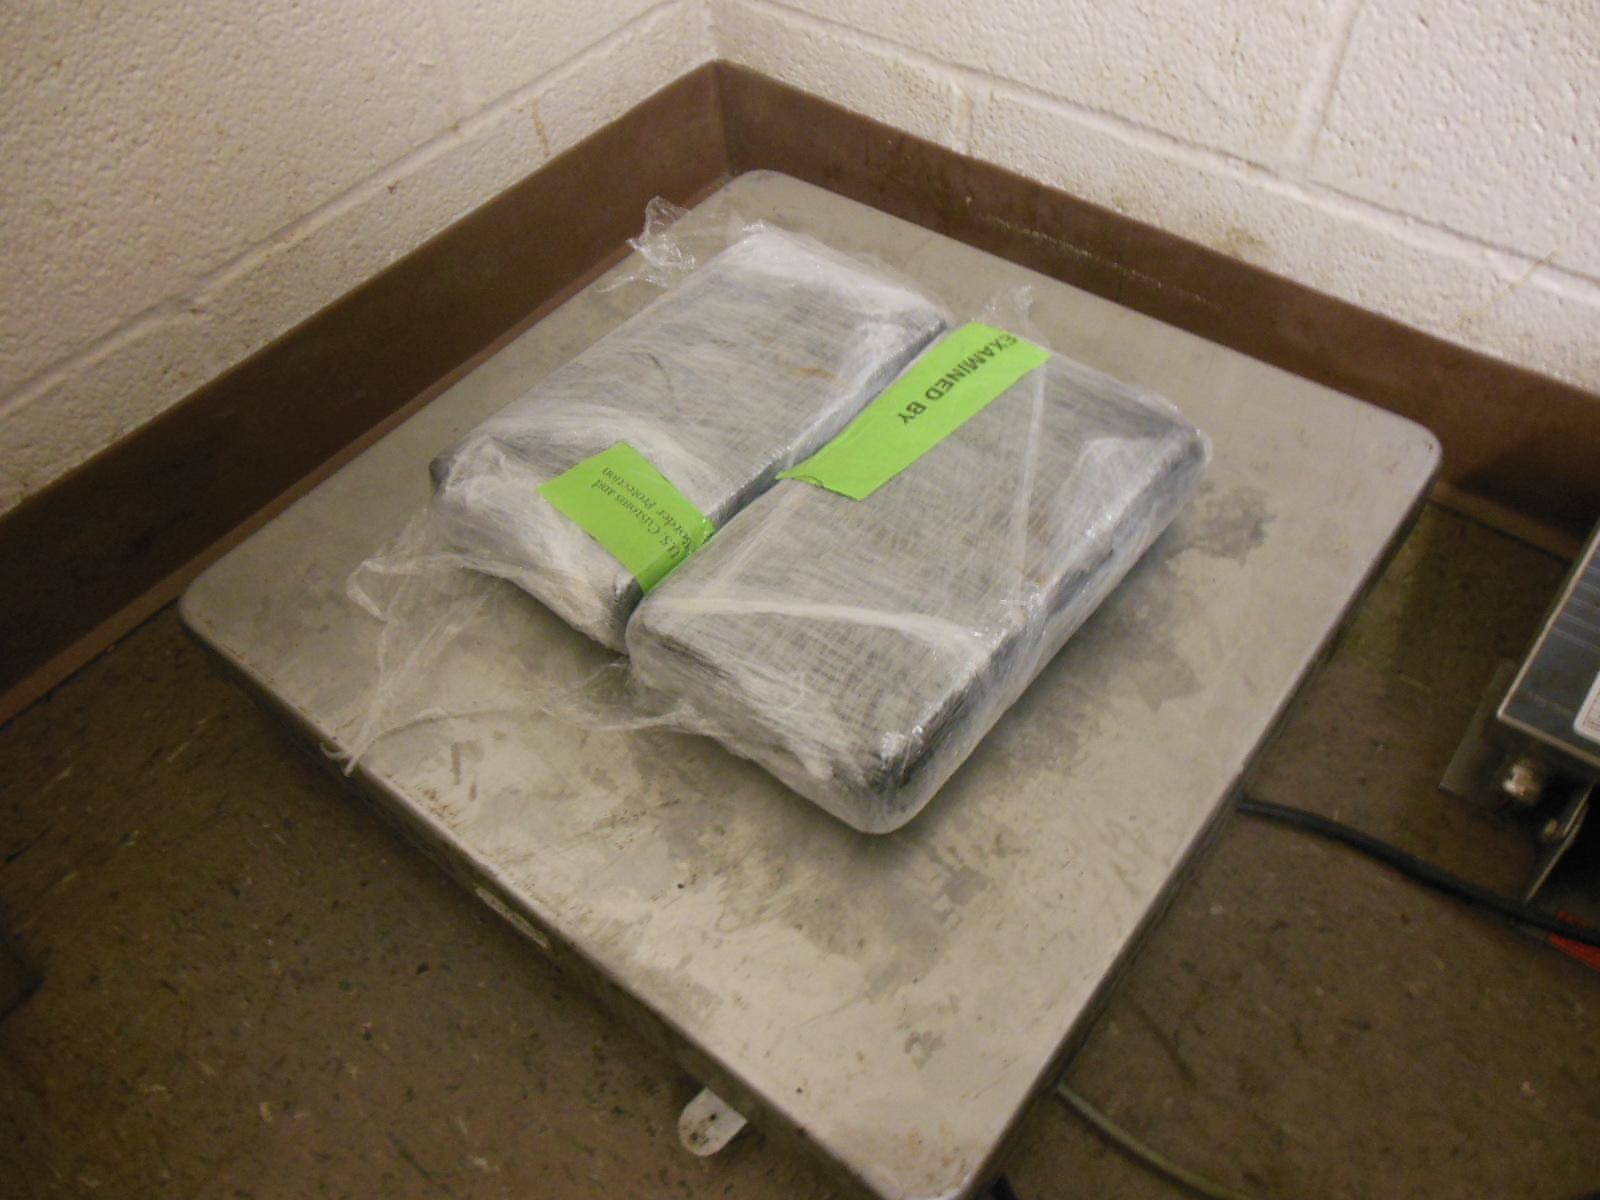 Gateway Cocaine Seizure 09072016, Courtesy of CBP Brownsville_1473433934020.jpg